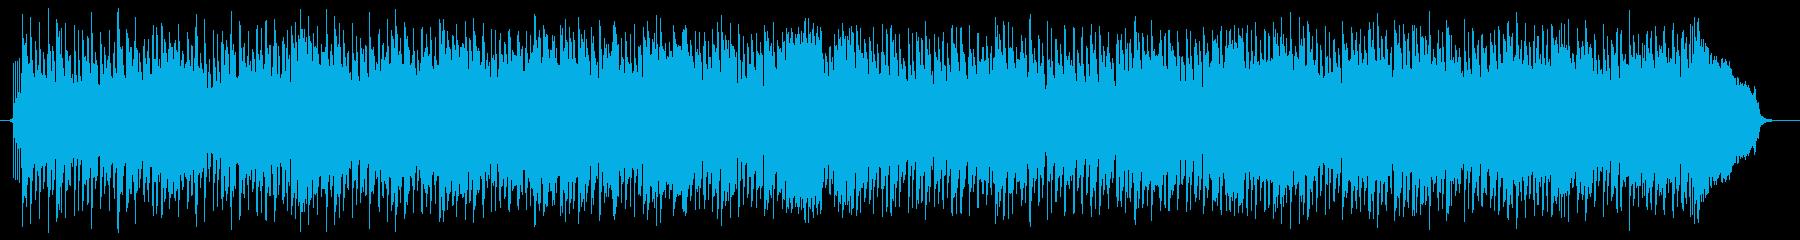 激しくも切ないストリングスポップスの再生済みの波形